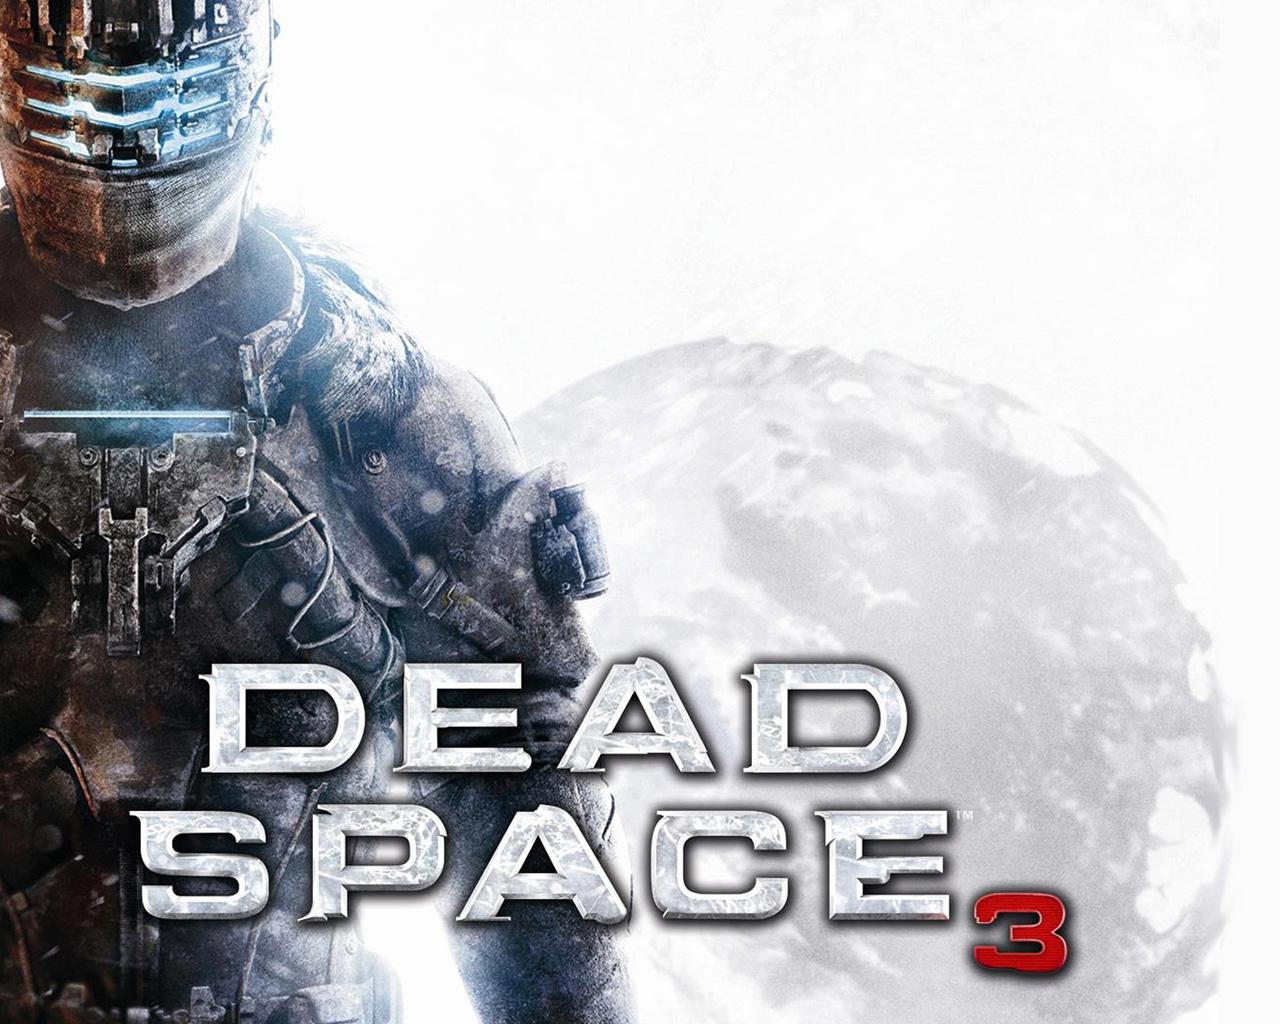 Dead Space 3 Wallpaper in 1280x1024 1280x1024